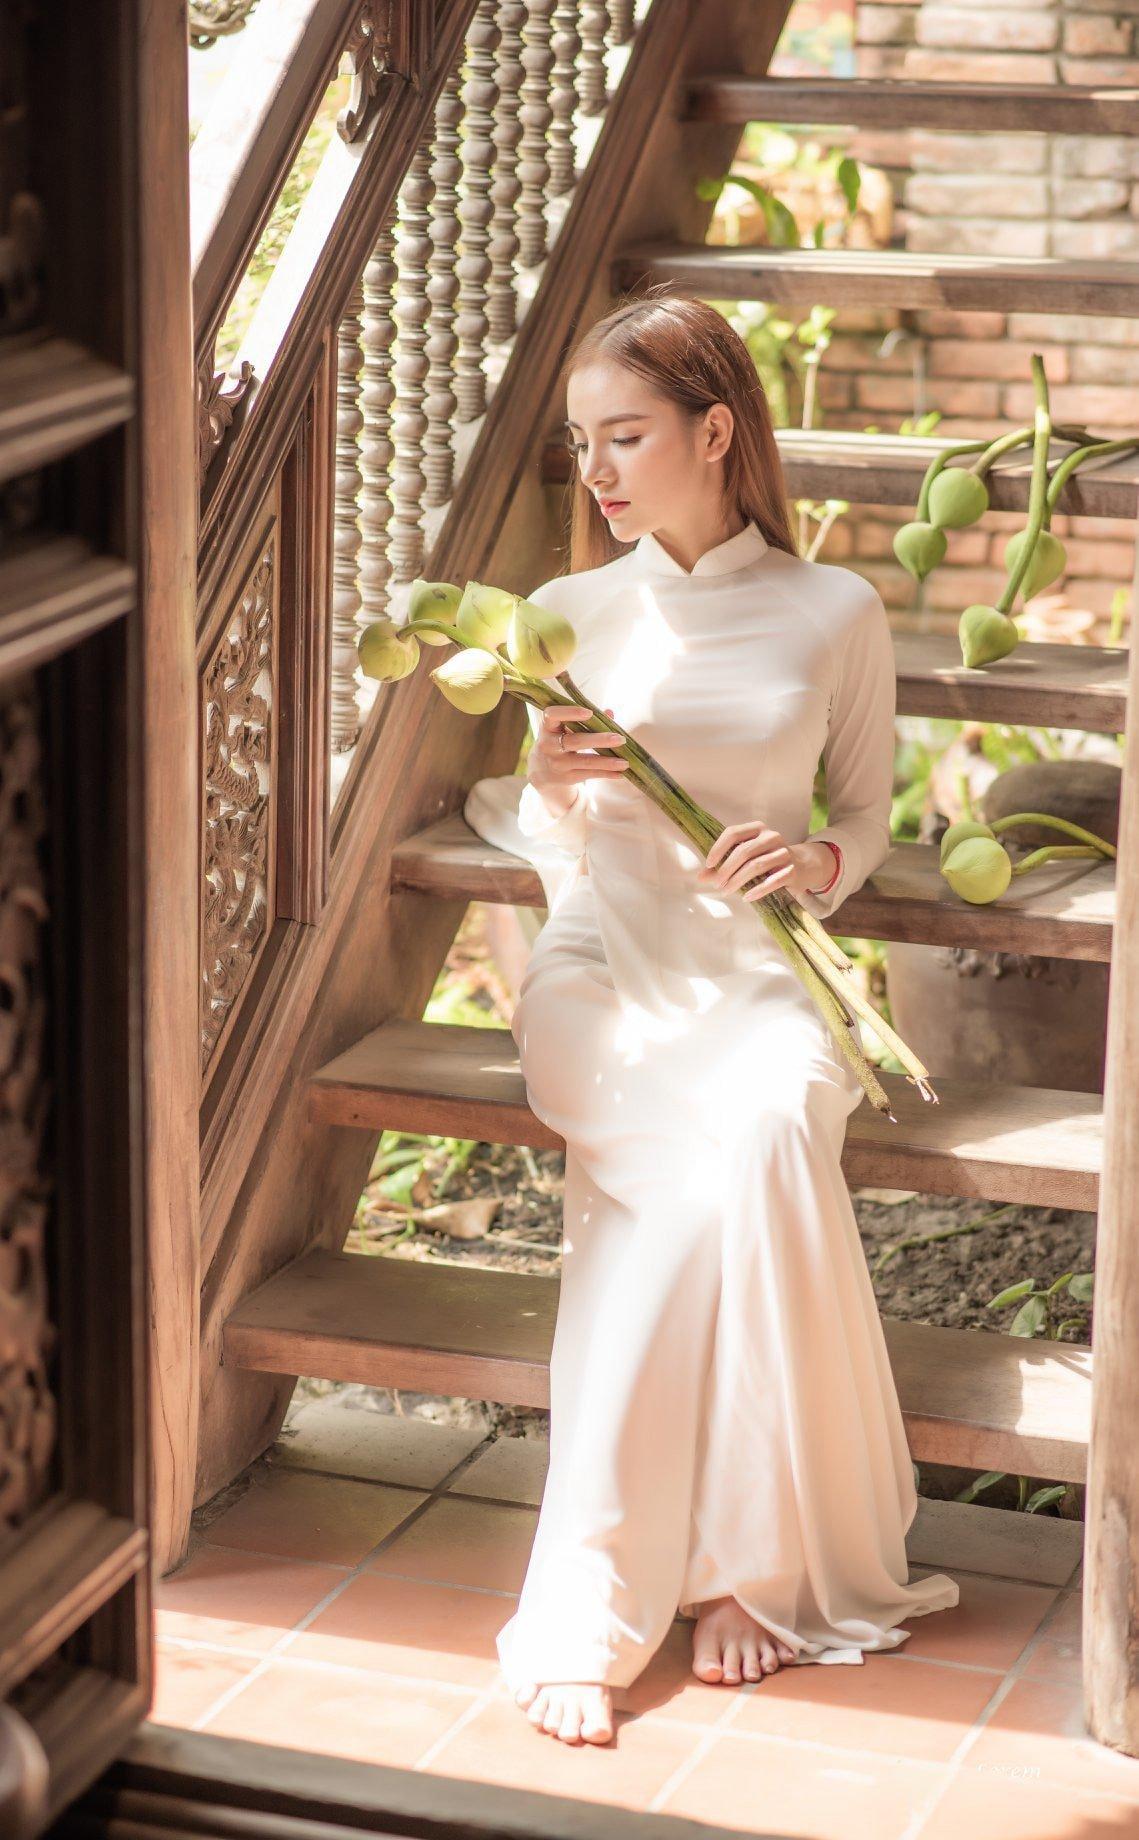 Ao dai trang hoa sen 6 - Địa điểm chụp ảnh áo dài đẹp ở Thành phố Hồ Chí Minh